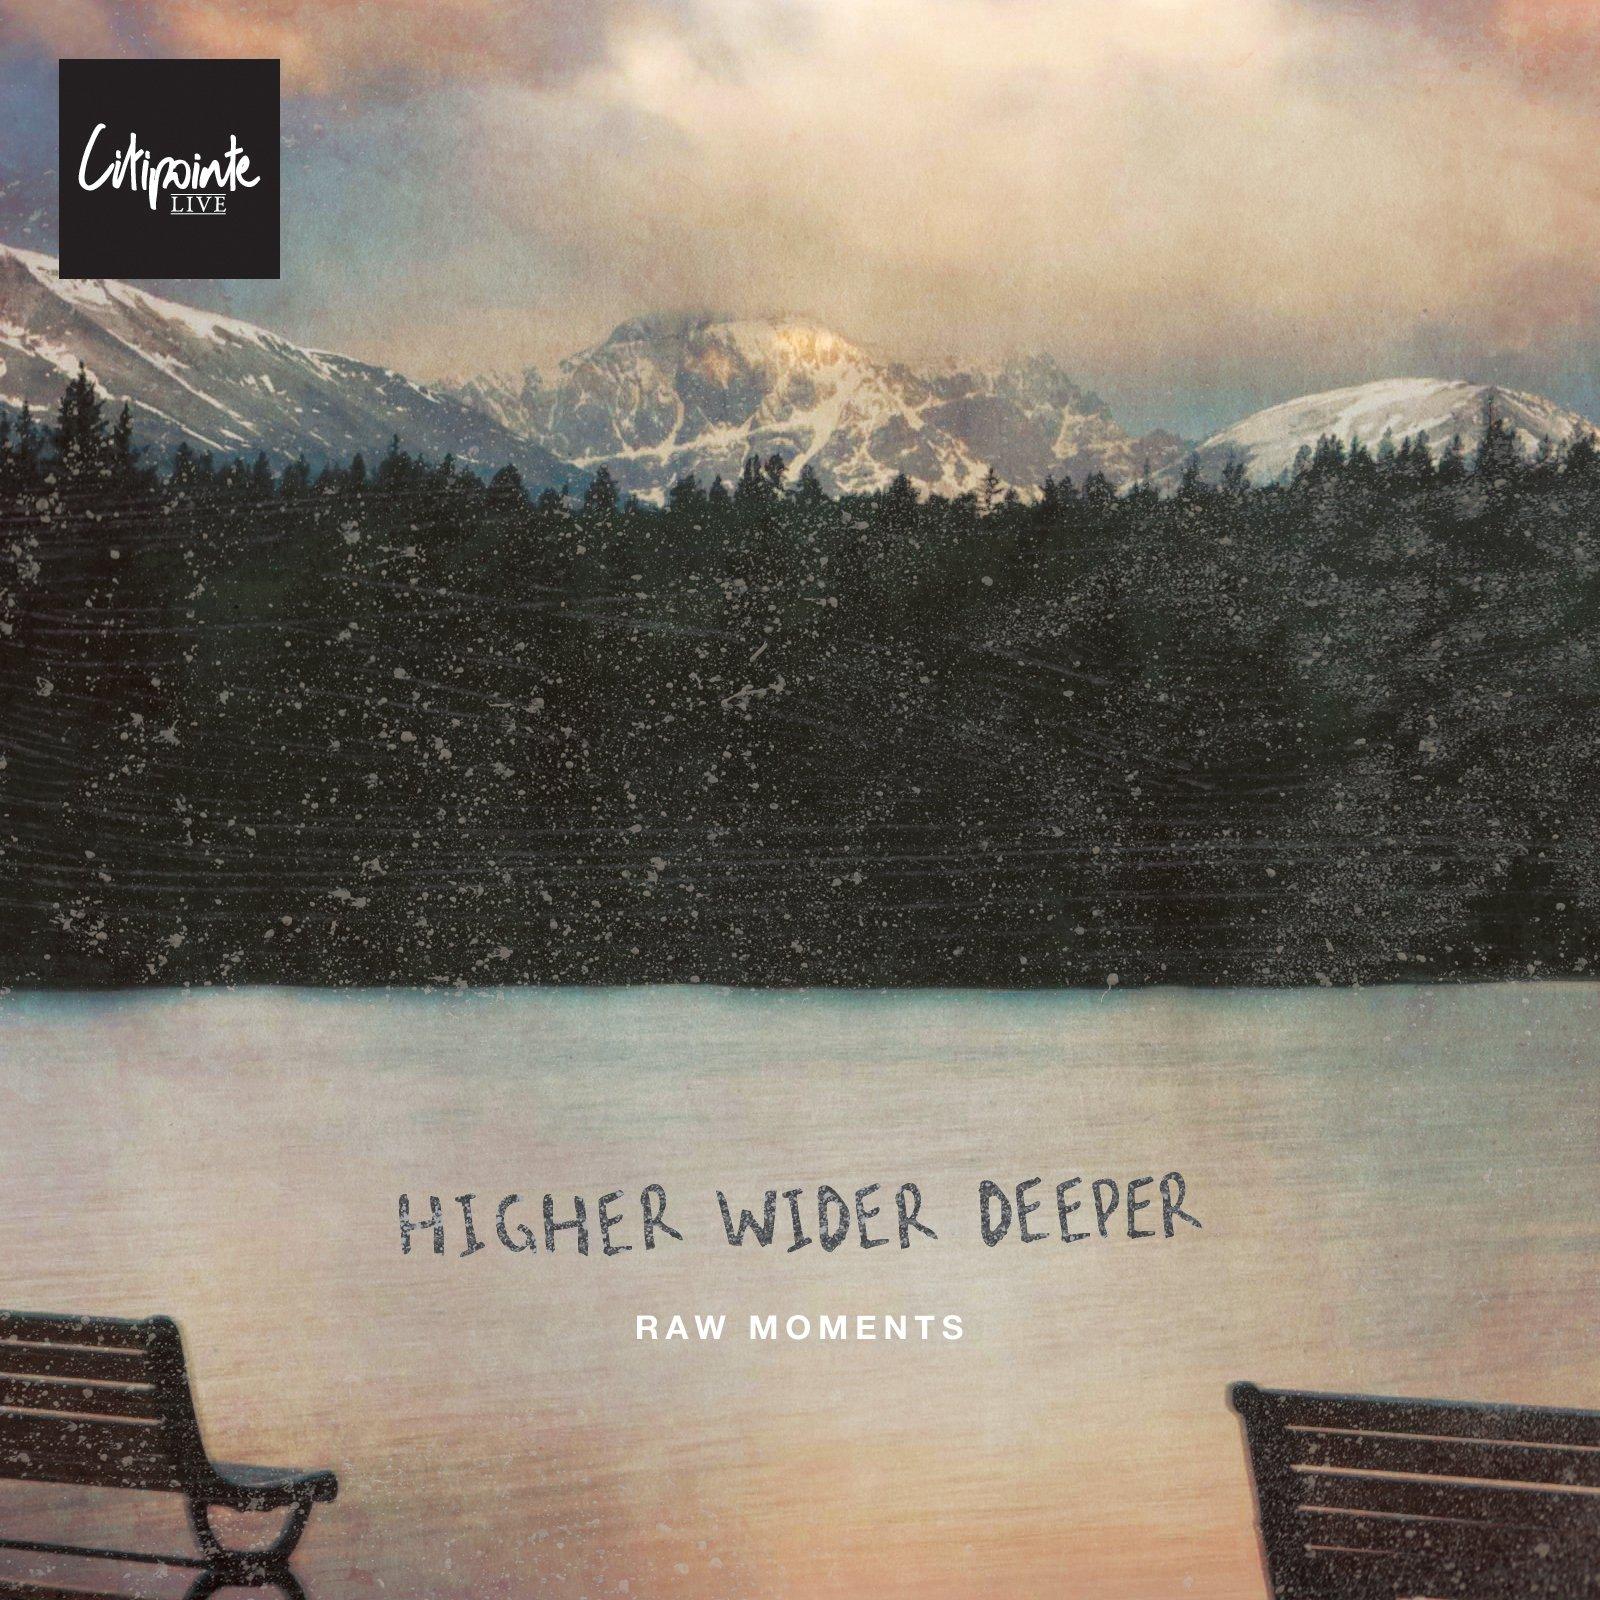 HigherWiderDeeper-WebHeader.jpeg